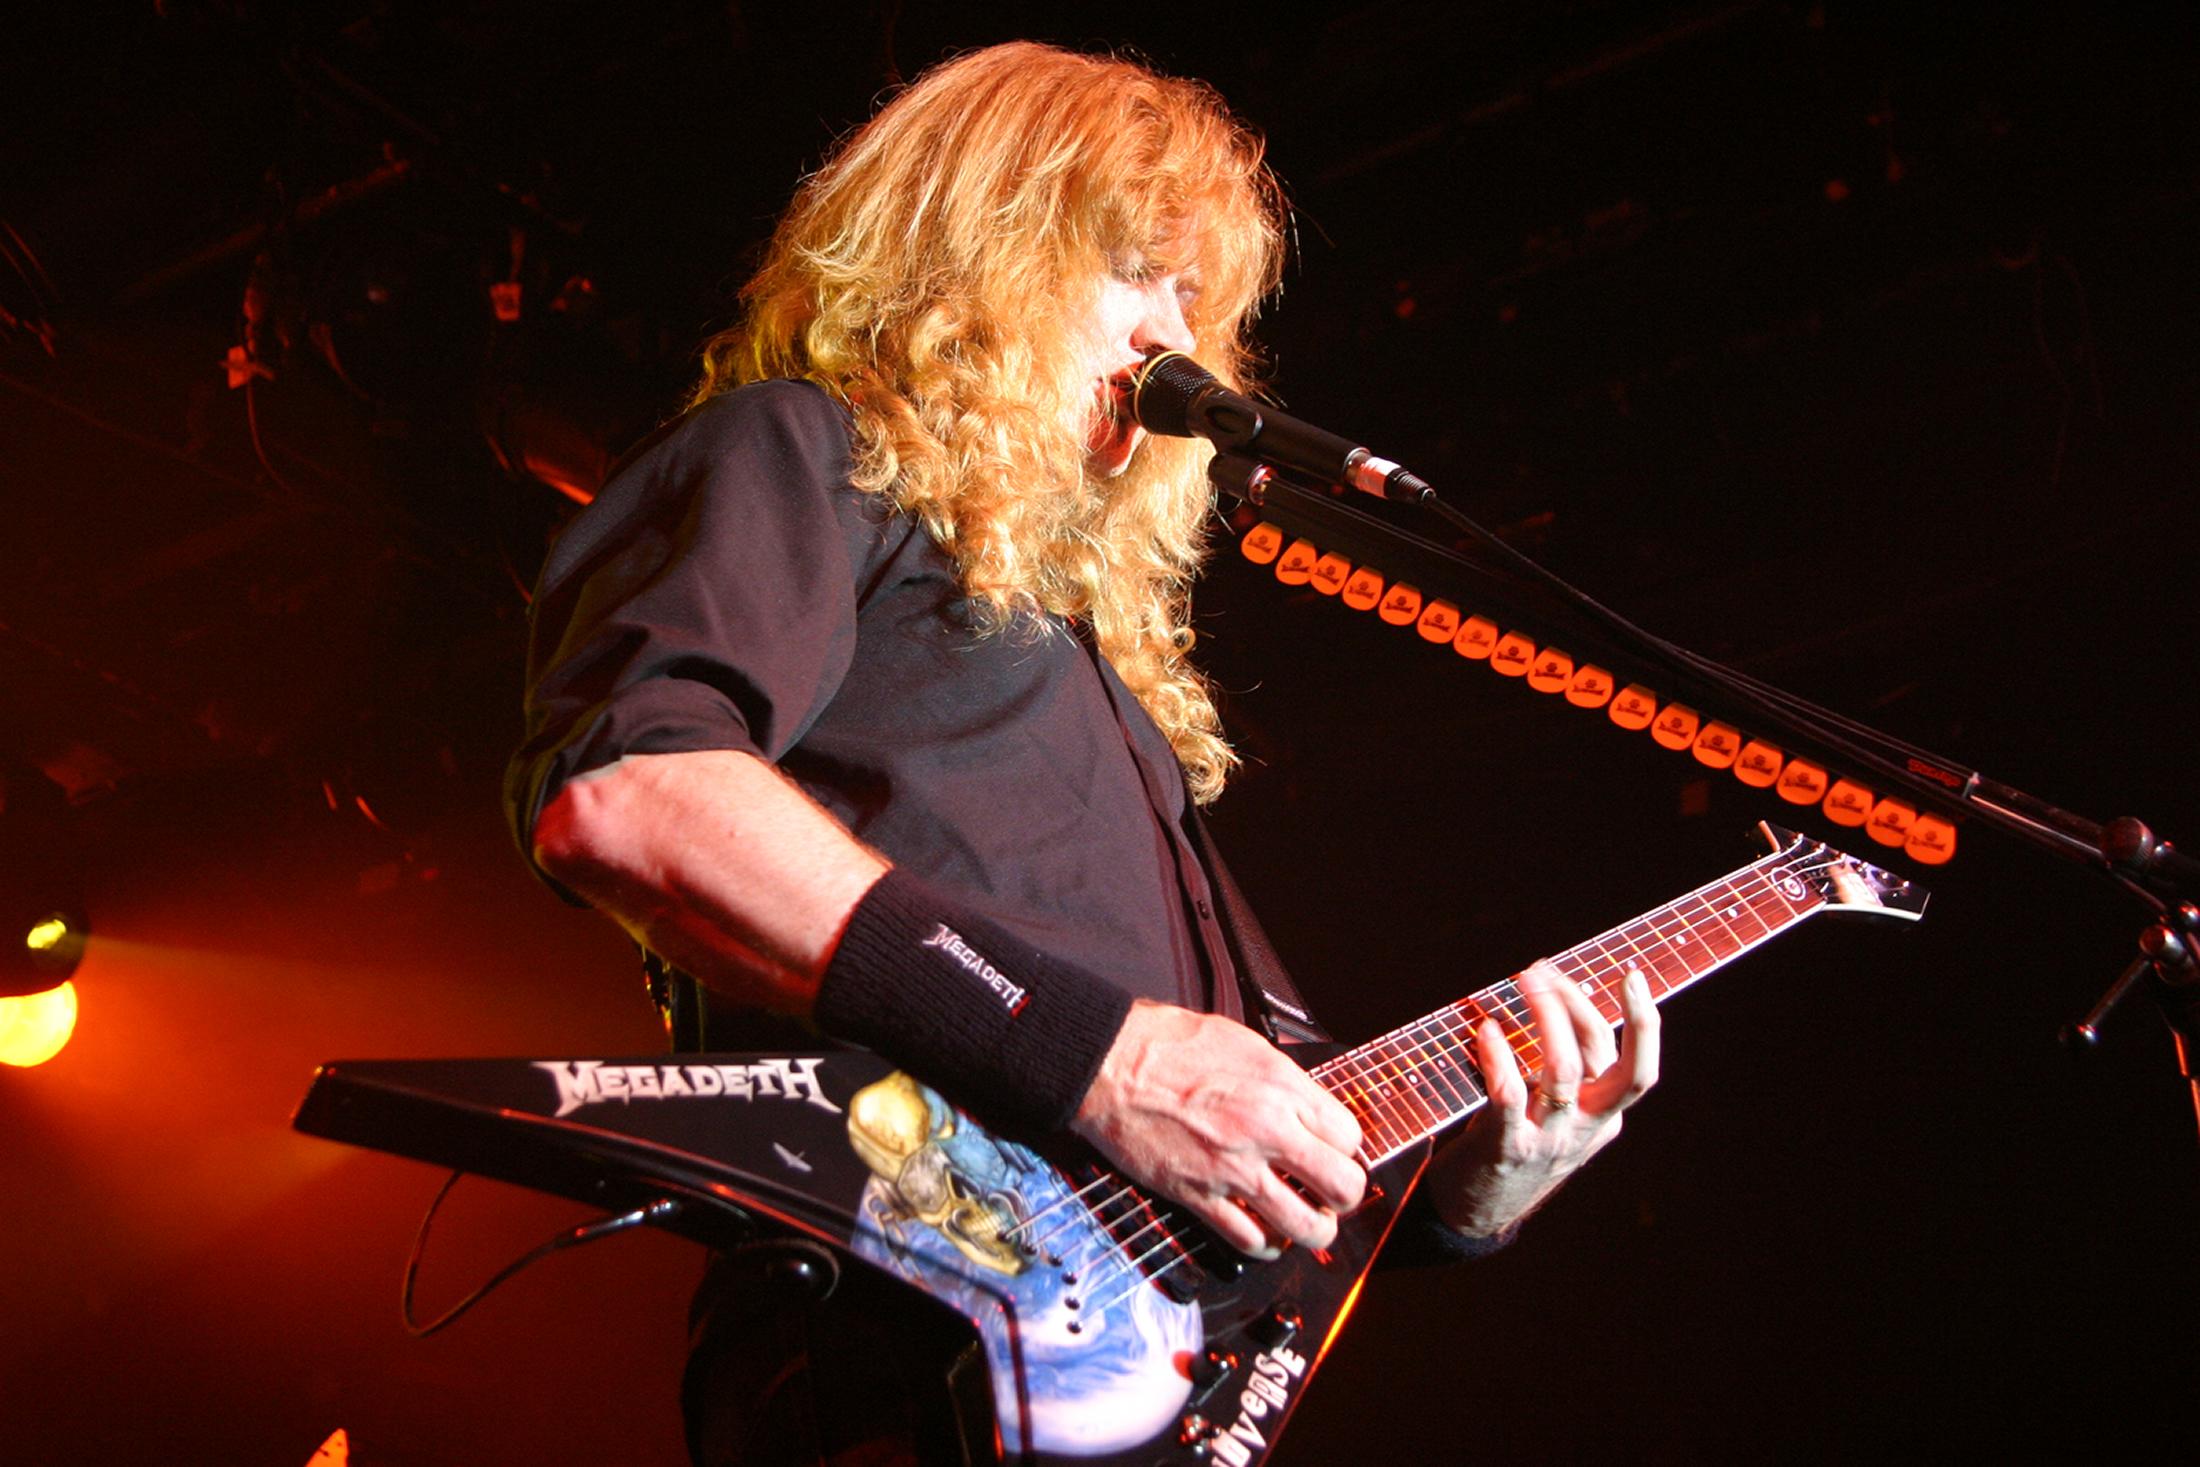 El guitarrista de Megadeth - 2200x1467